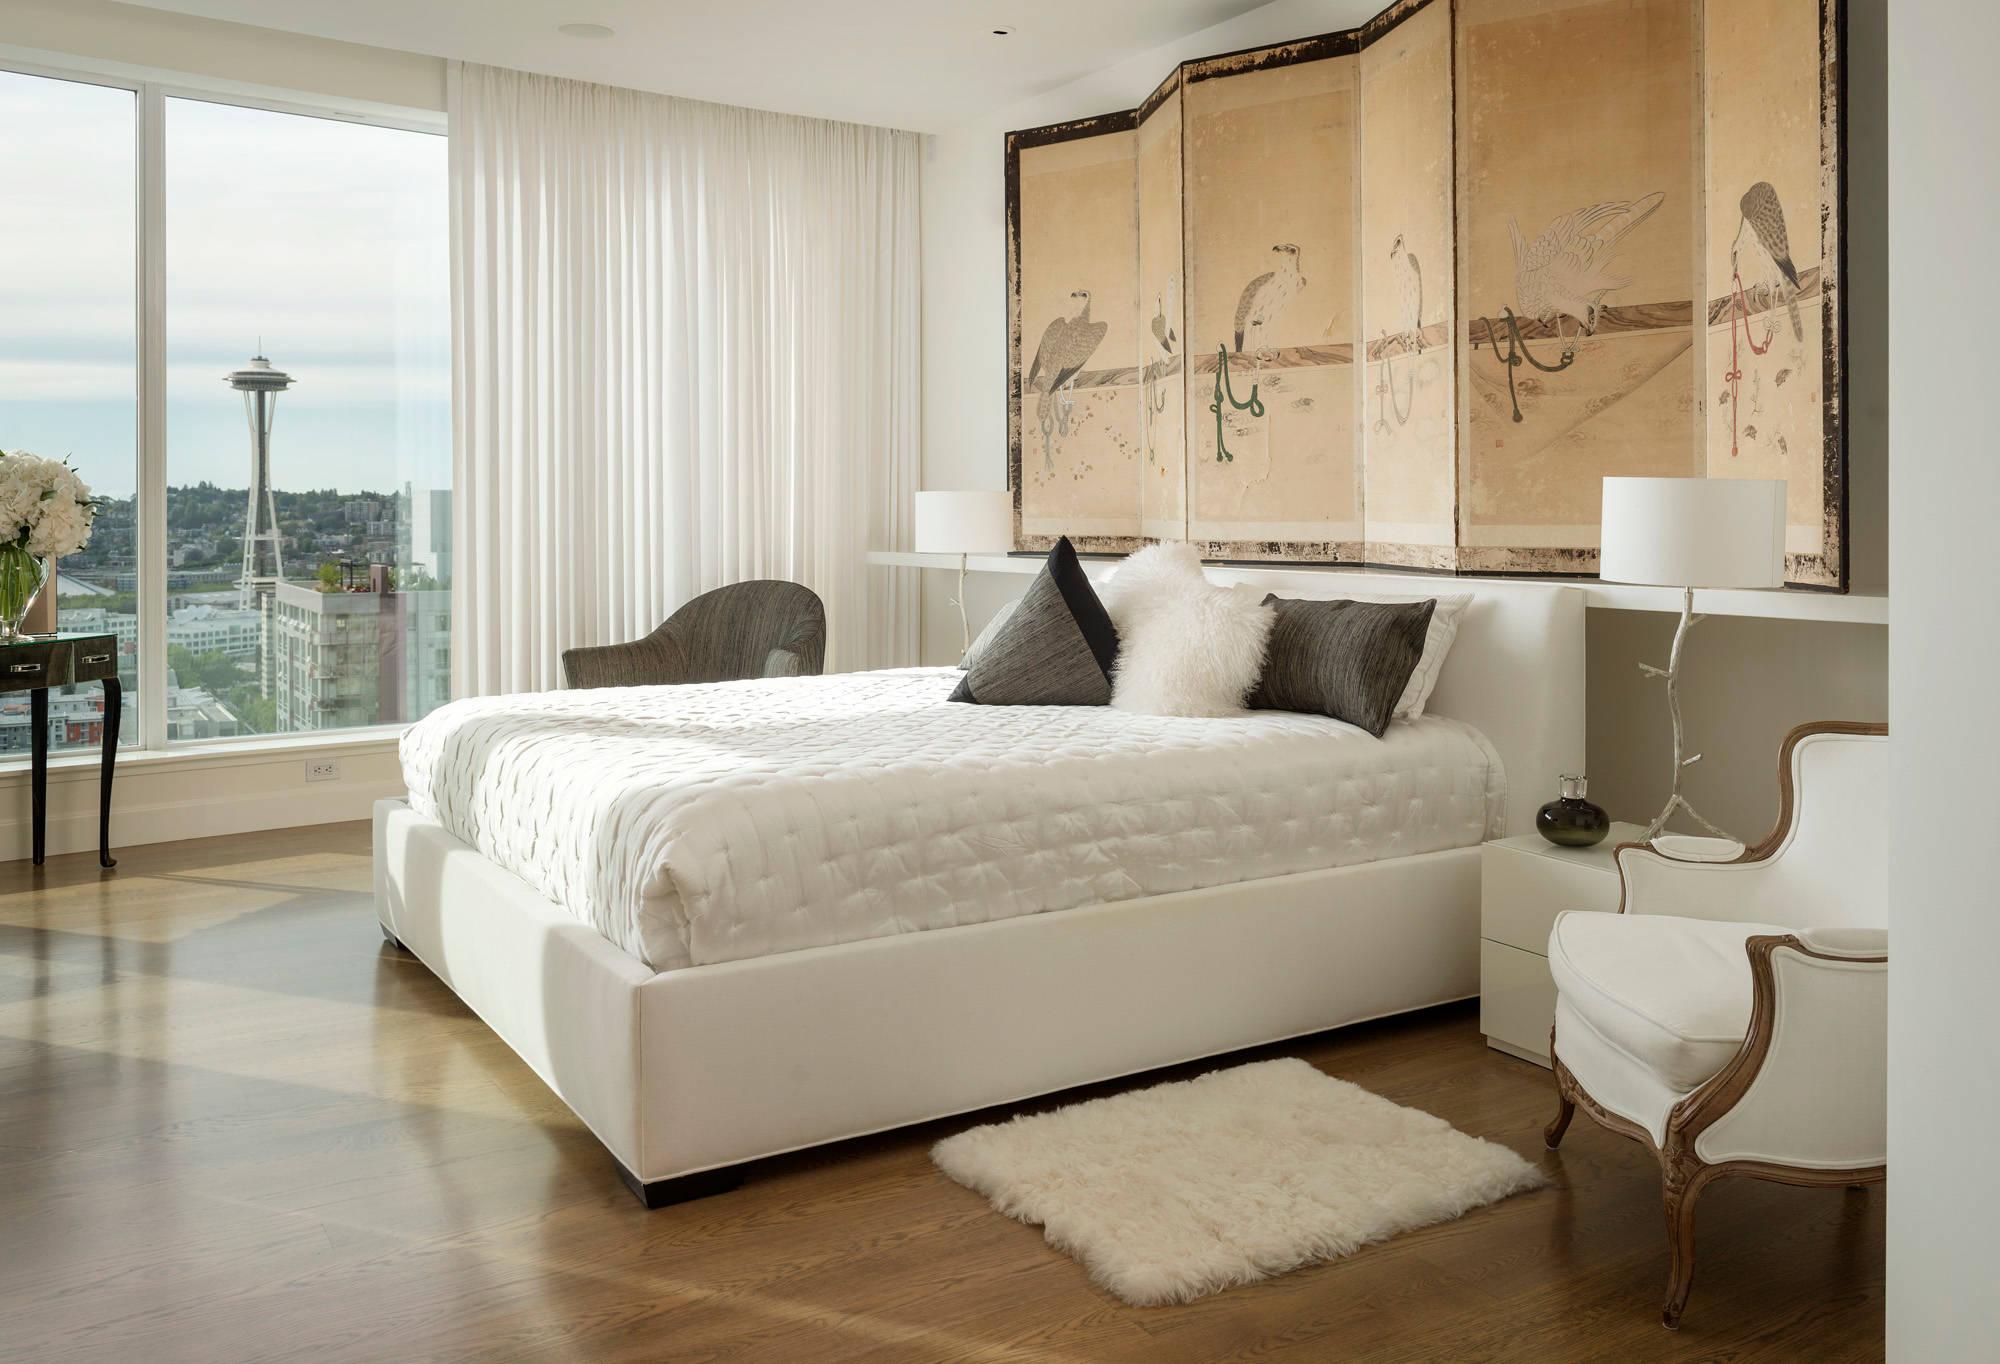 Может ли спальня попадать на три зоны фэн шуй